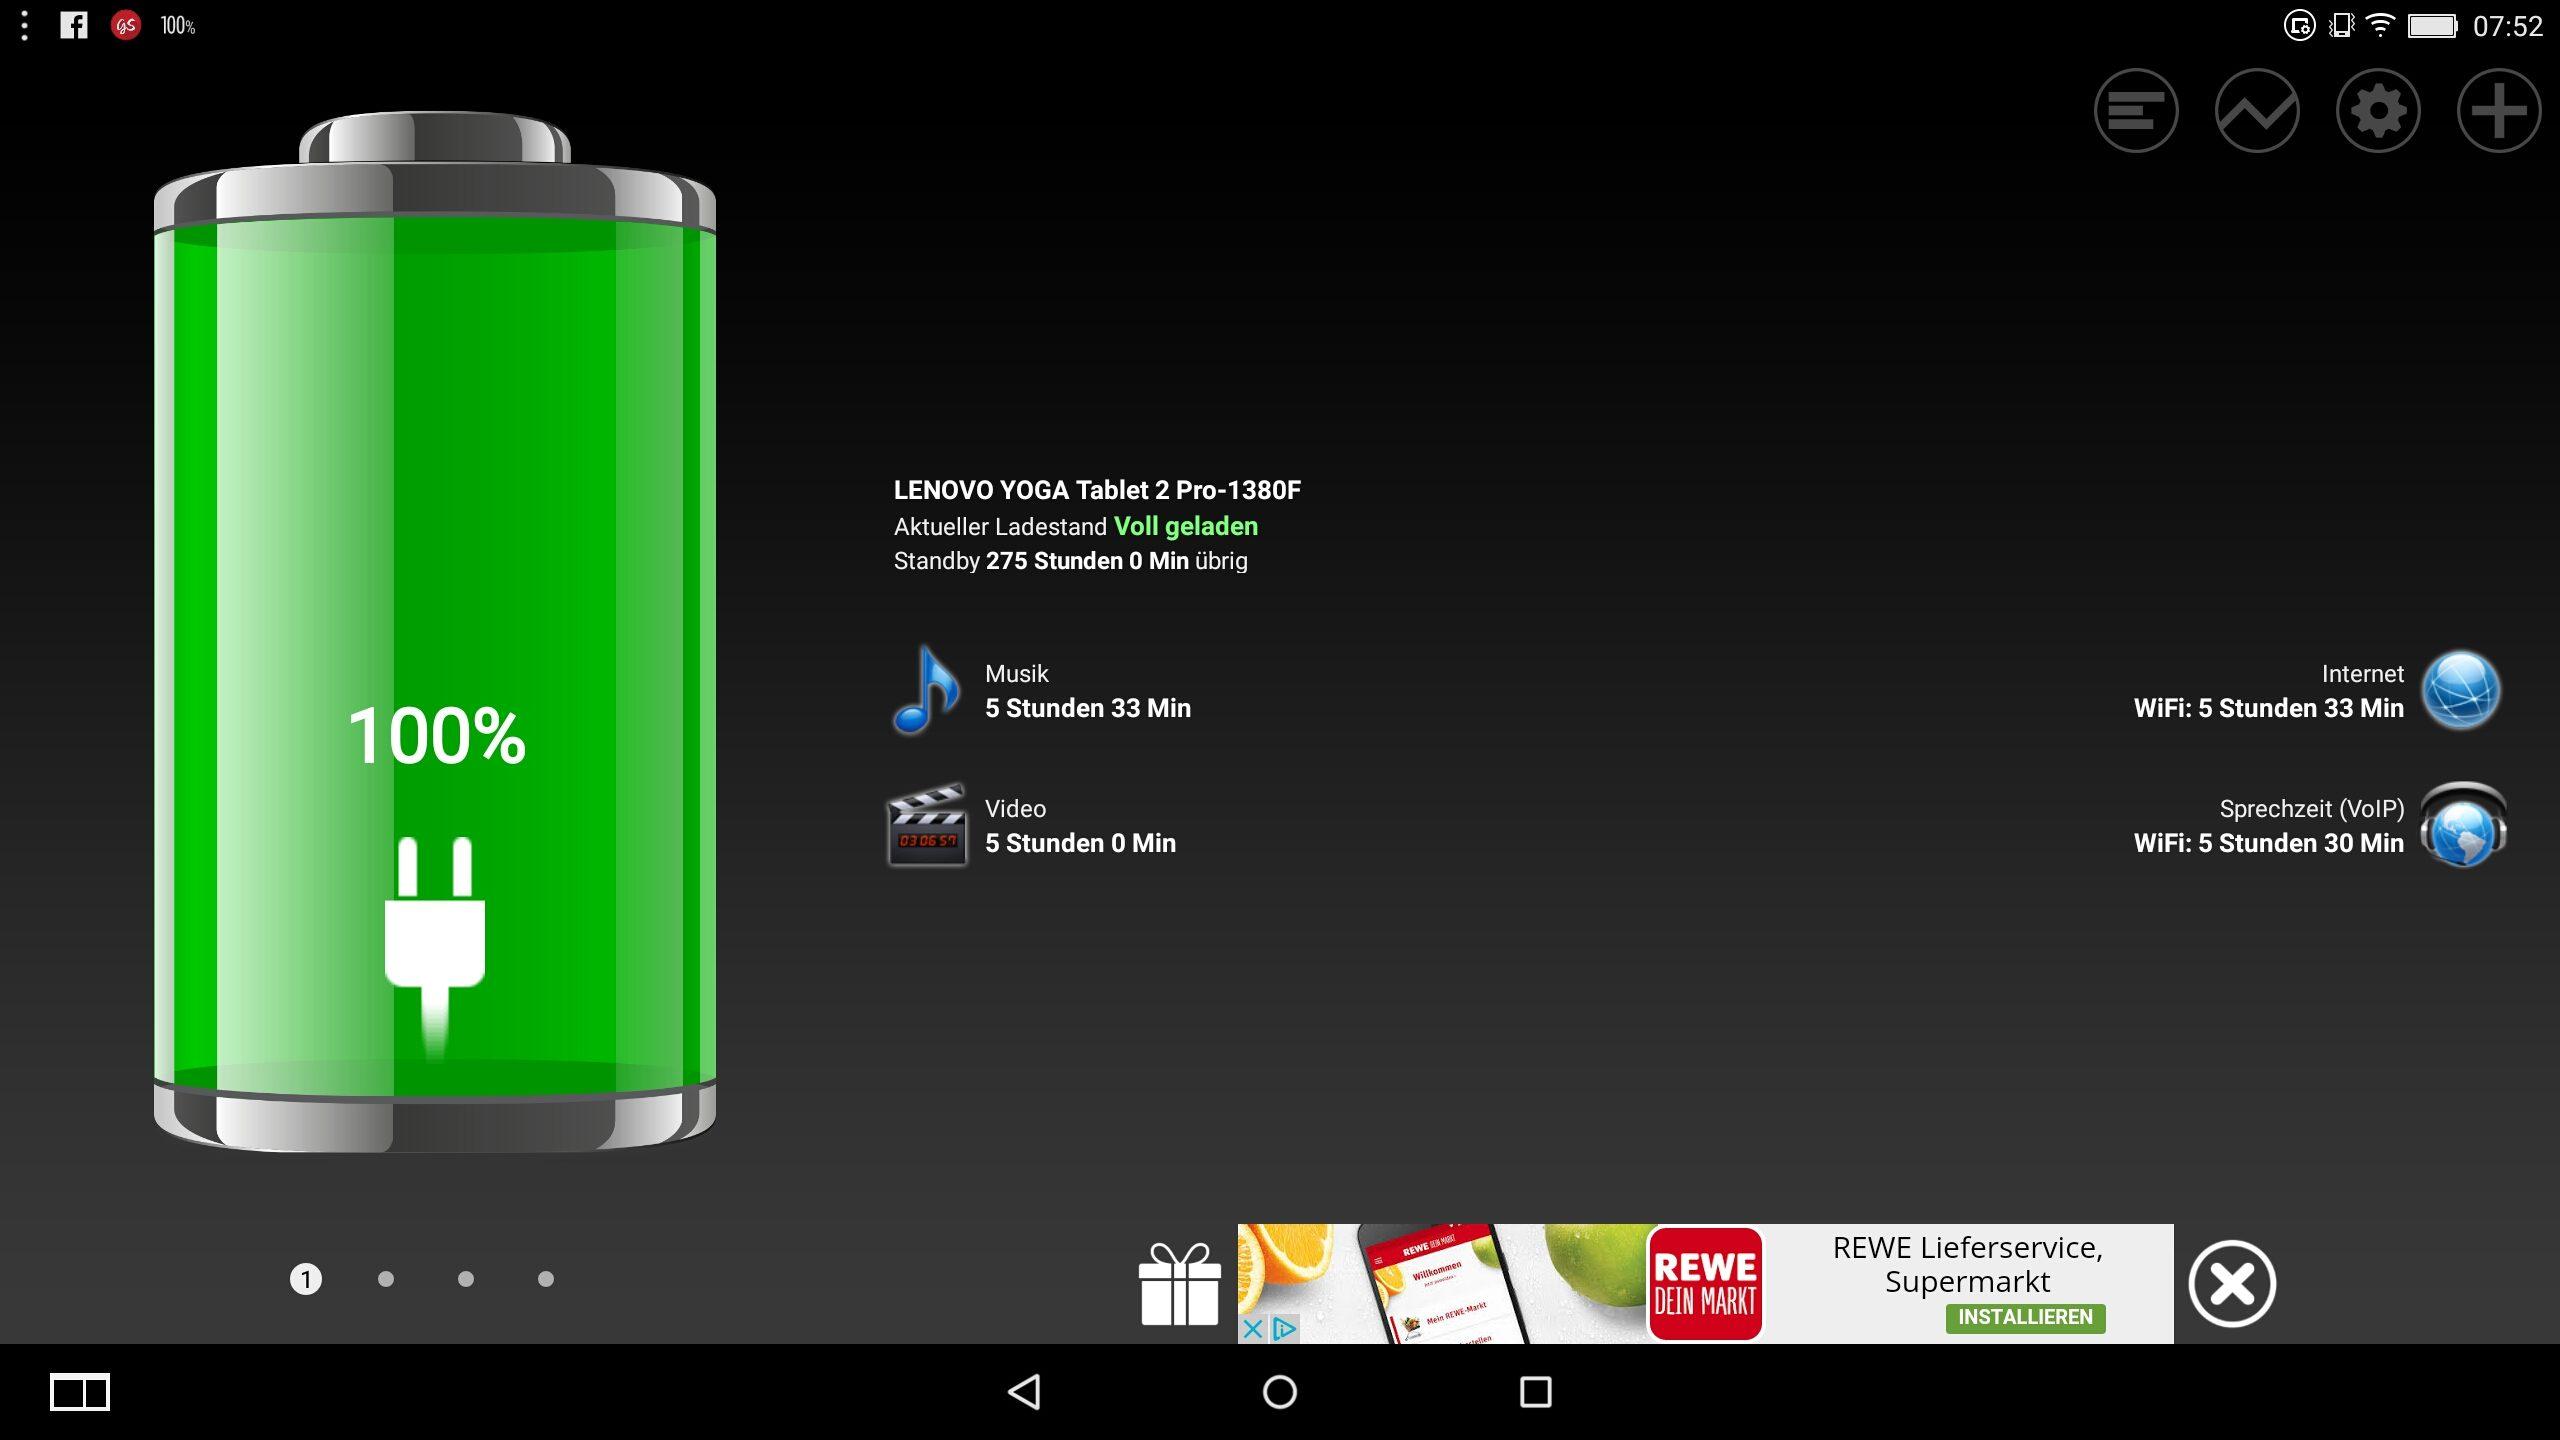 Lenovo Yoga 2 Pro-1380F – Angaben zur Laufzeit (hochgerechnet)